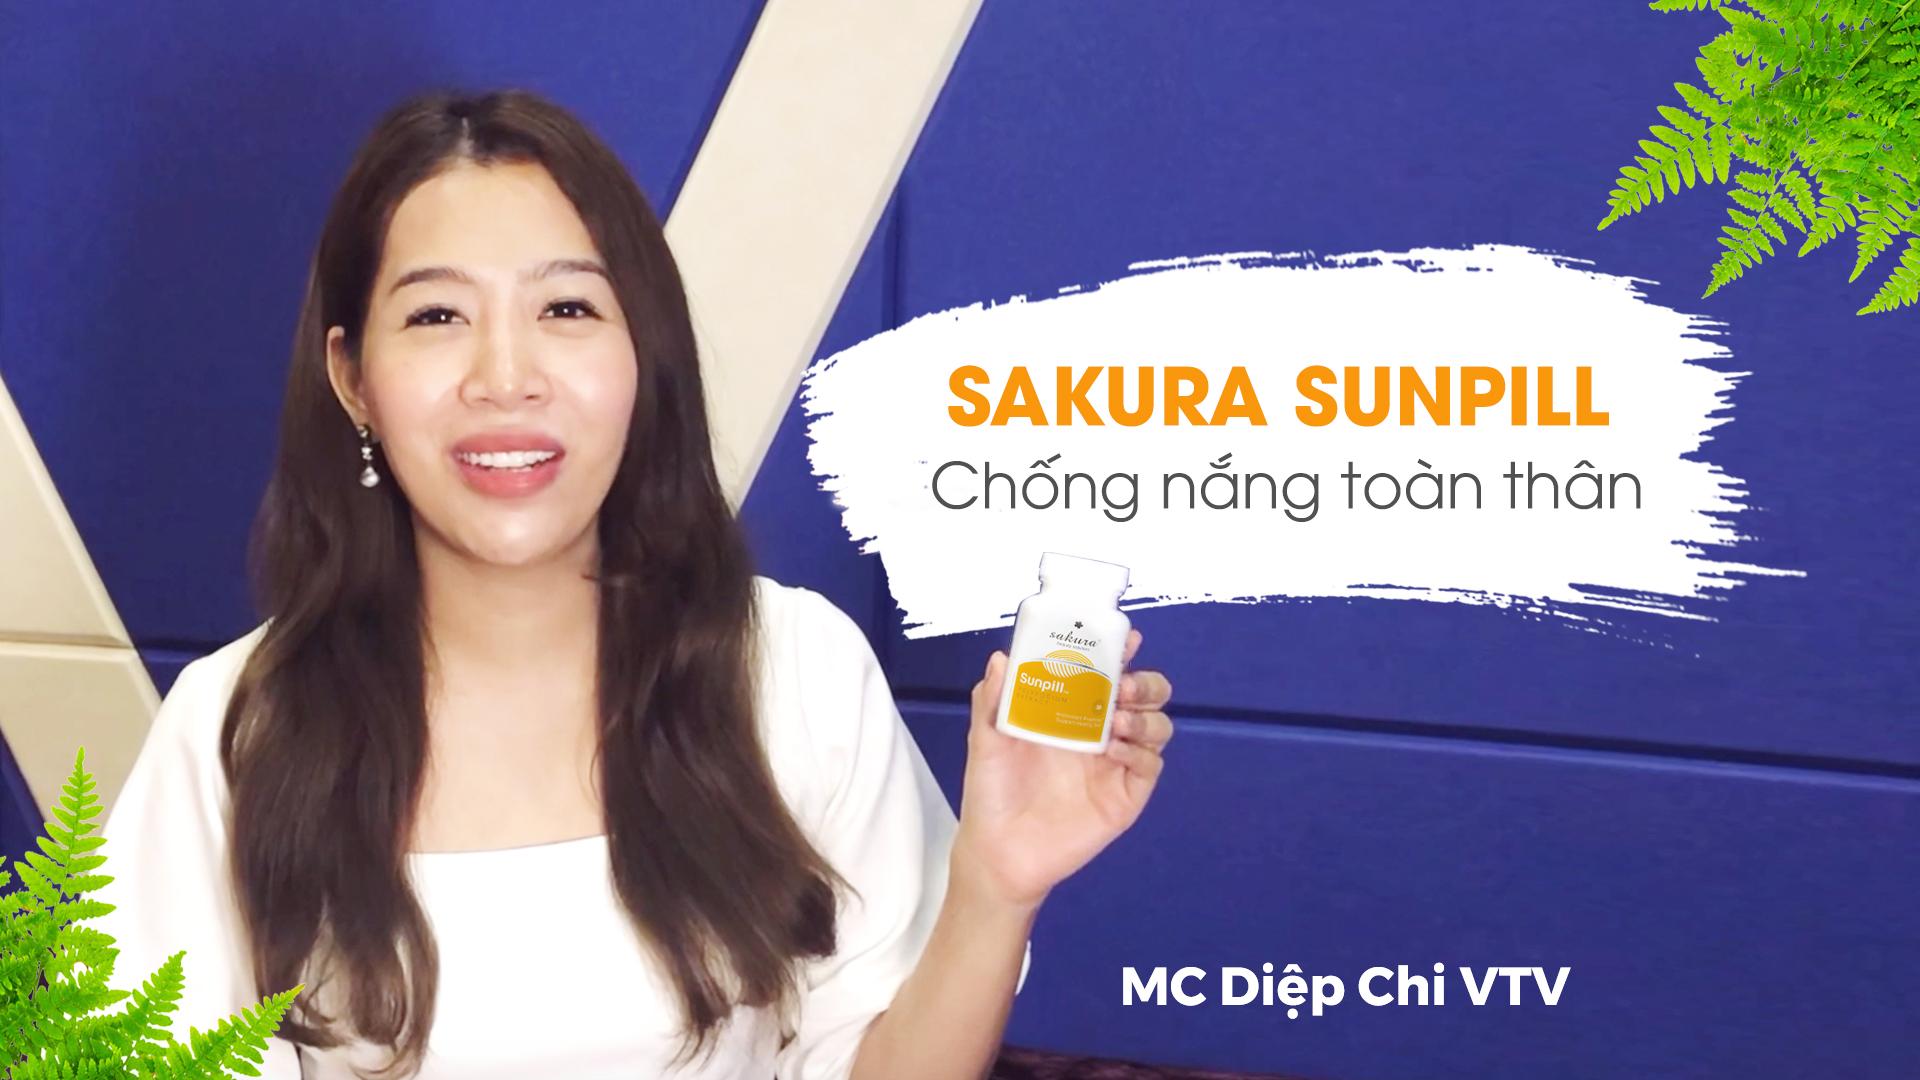 MC Diệp Chi VTV reviews viên uống chống nắng sinh học toàn thân SAKURA SUNPILL